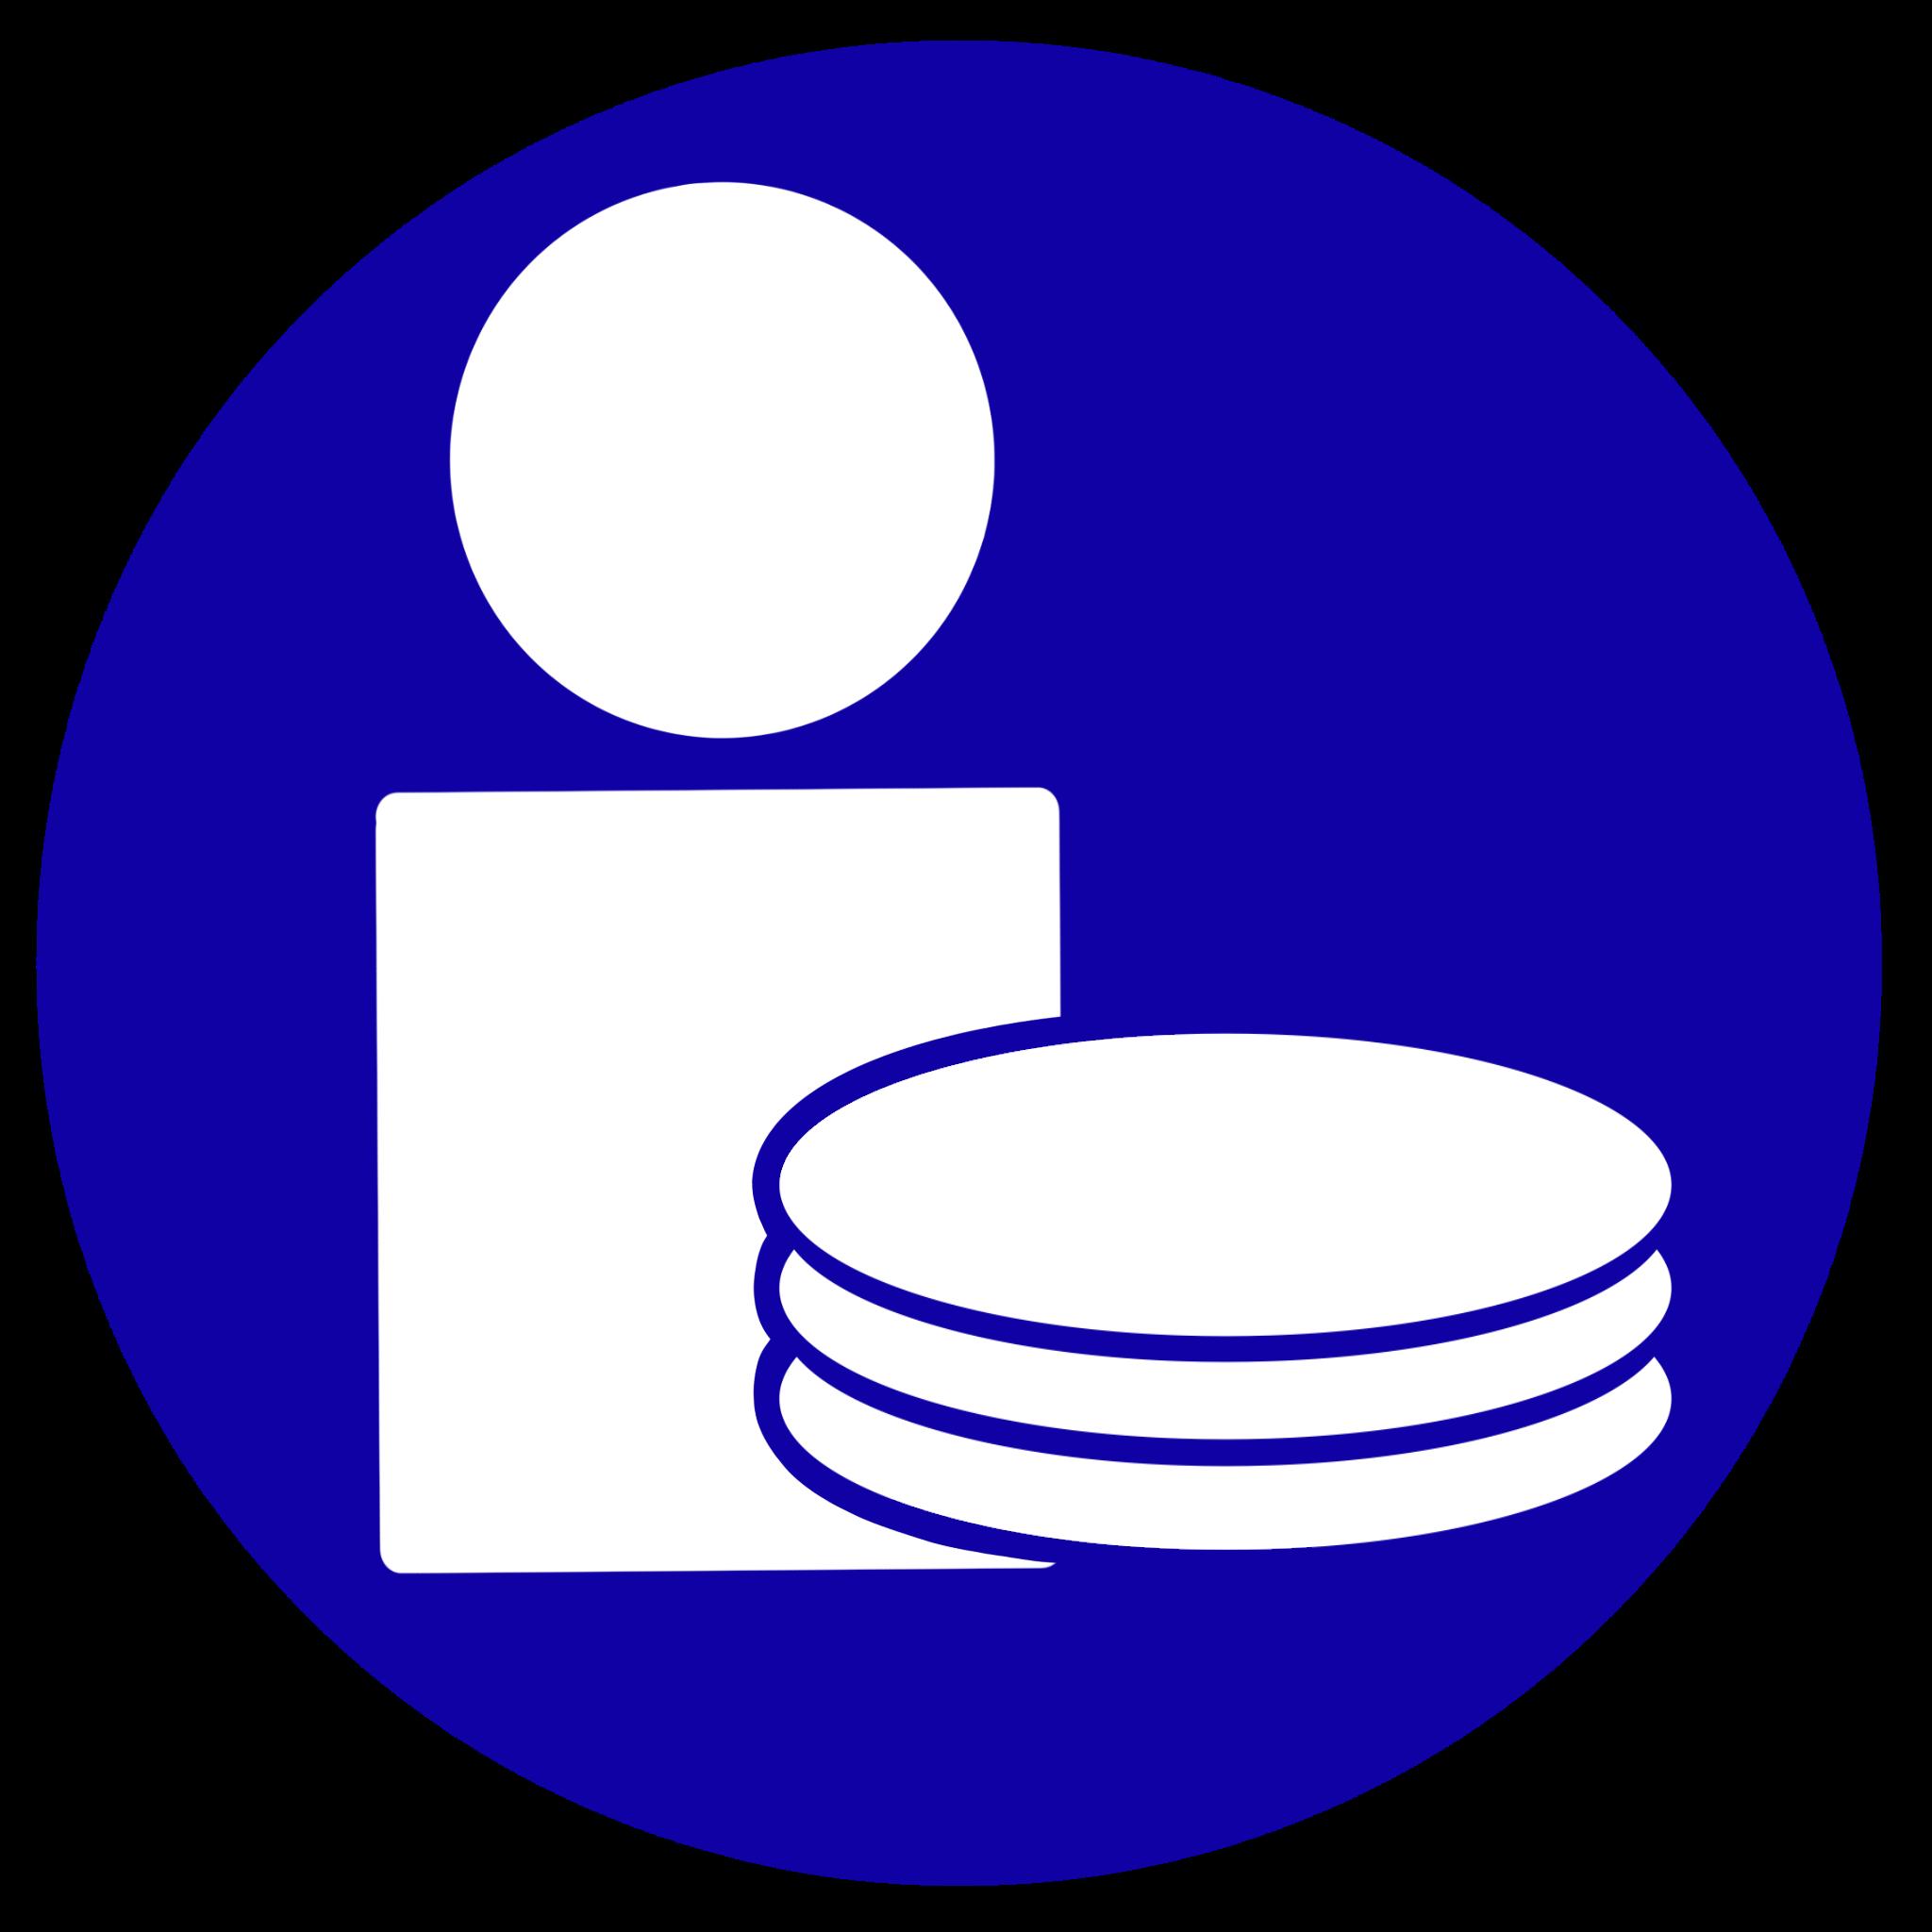 Icono que representa la imputación de costes a pacientes